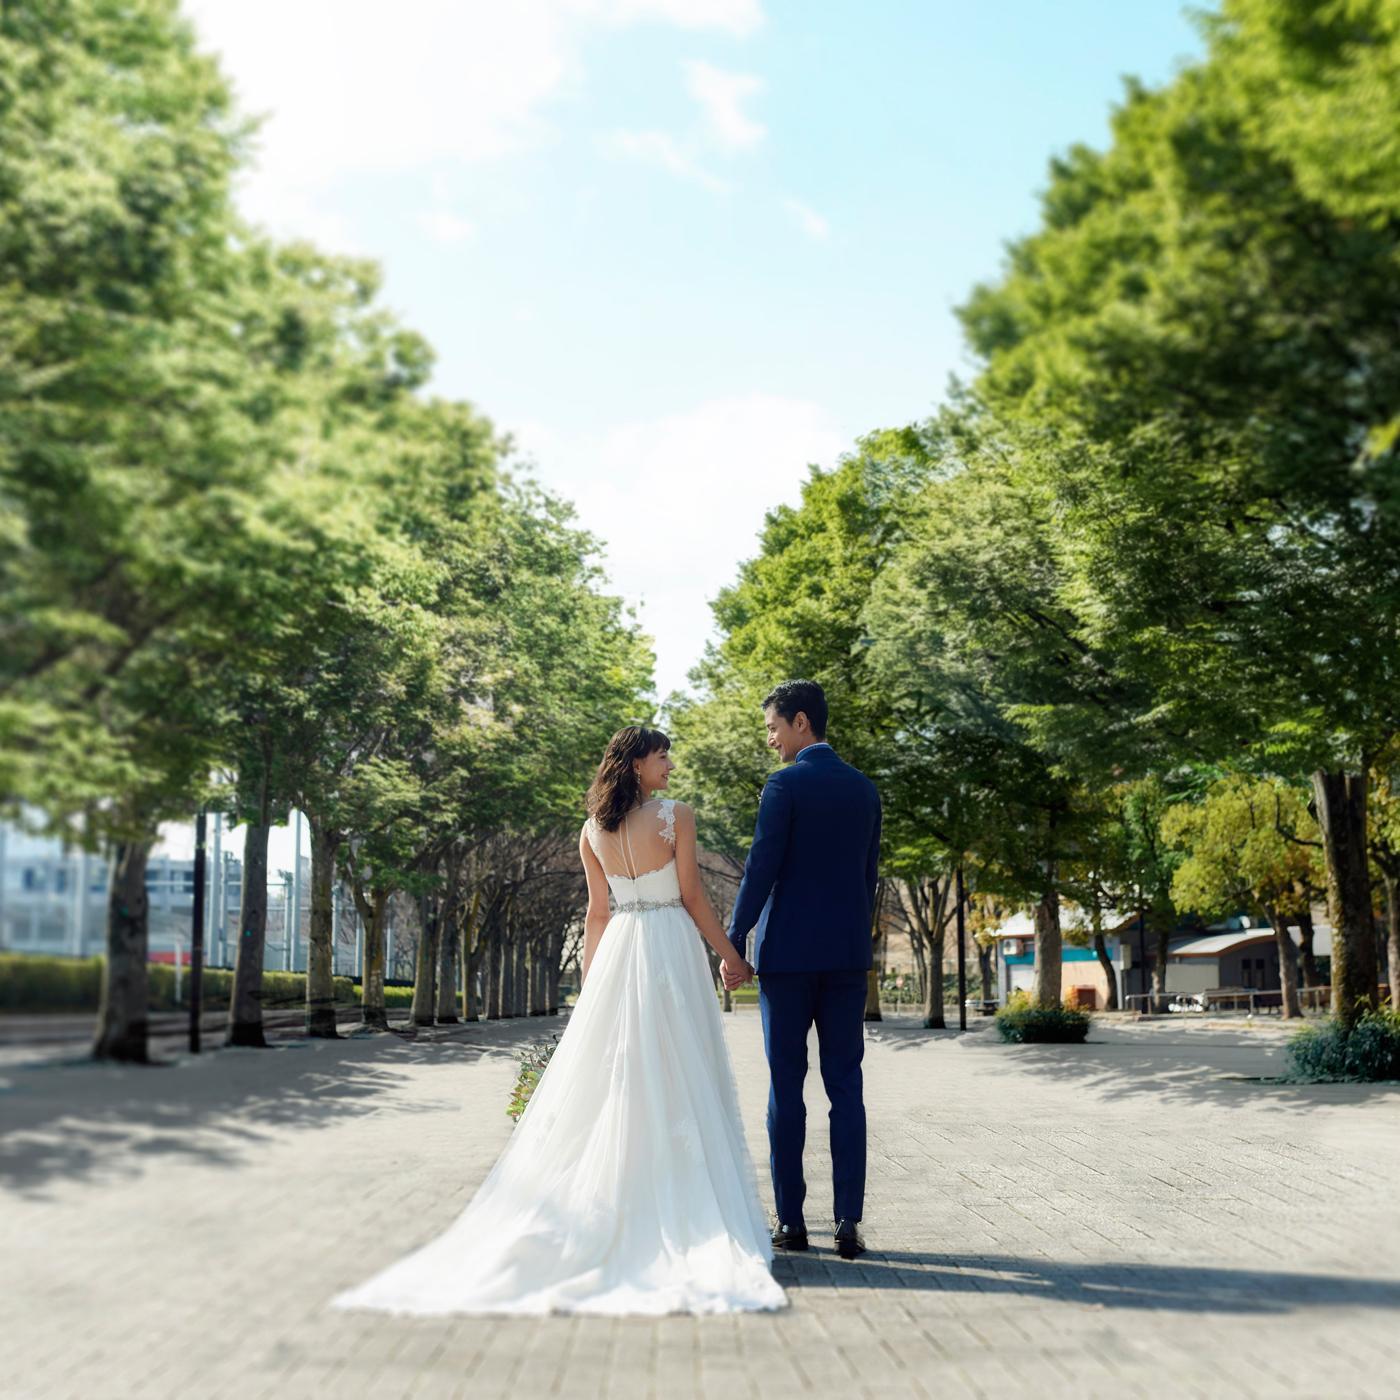 【第二弾】1周年記念★笑顔溢れる結婚式特別プラン【2020年3月挙式までの方】ドレス特典付き